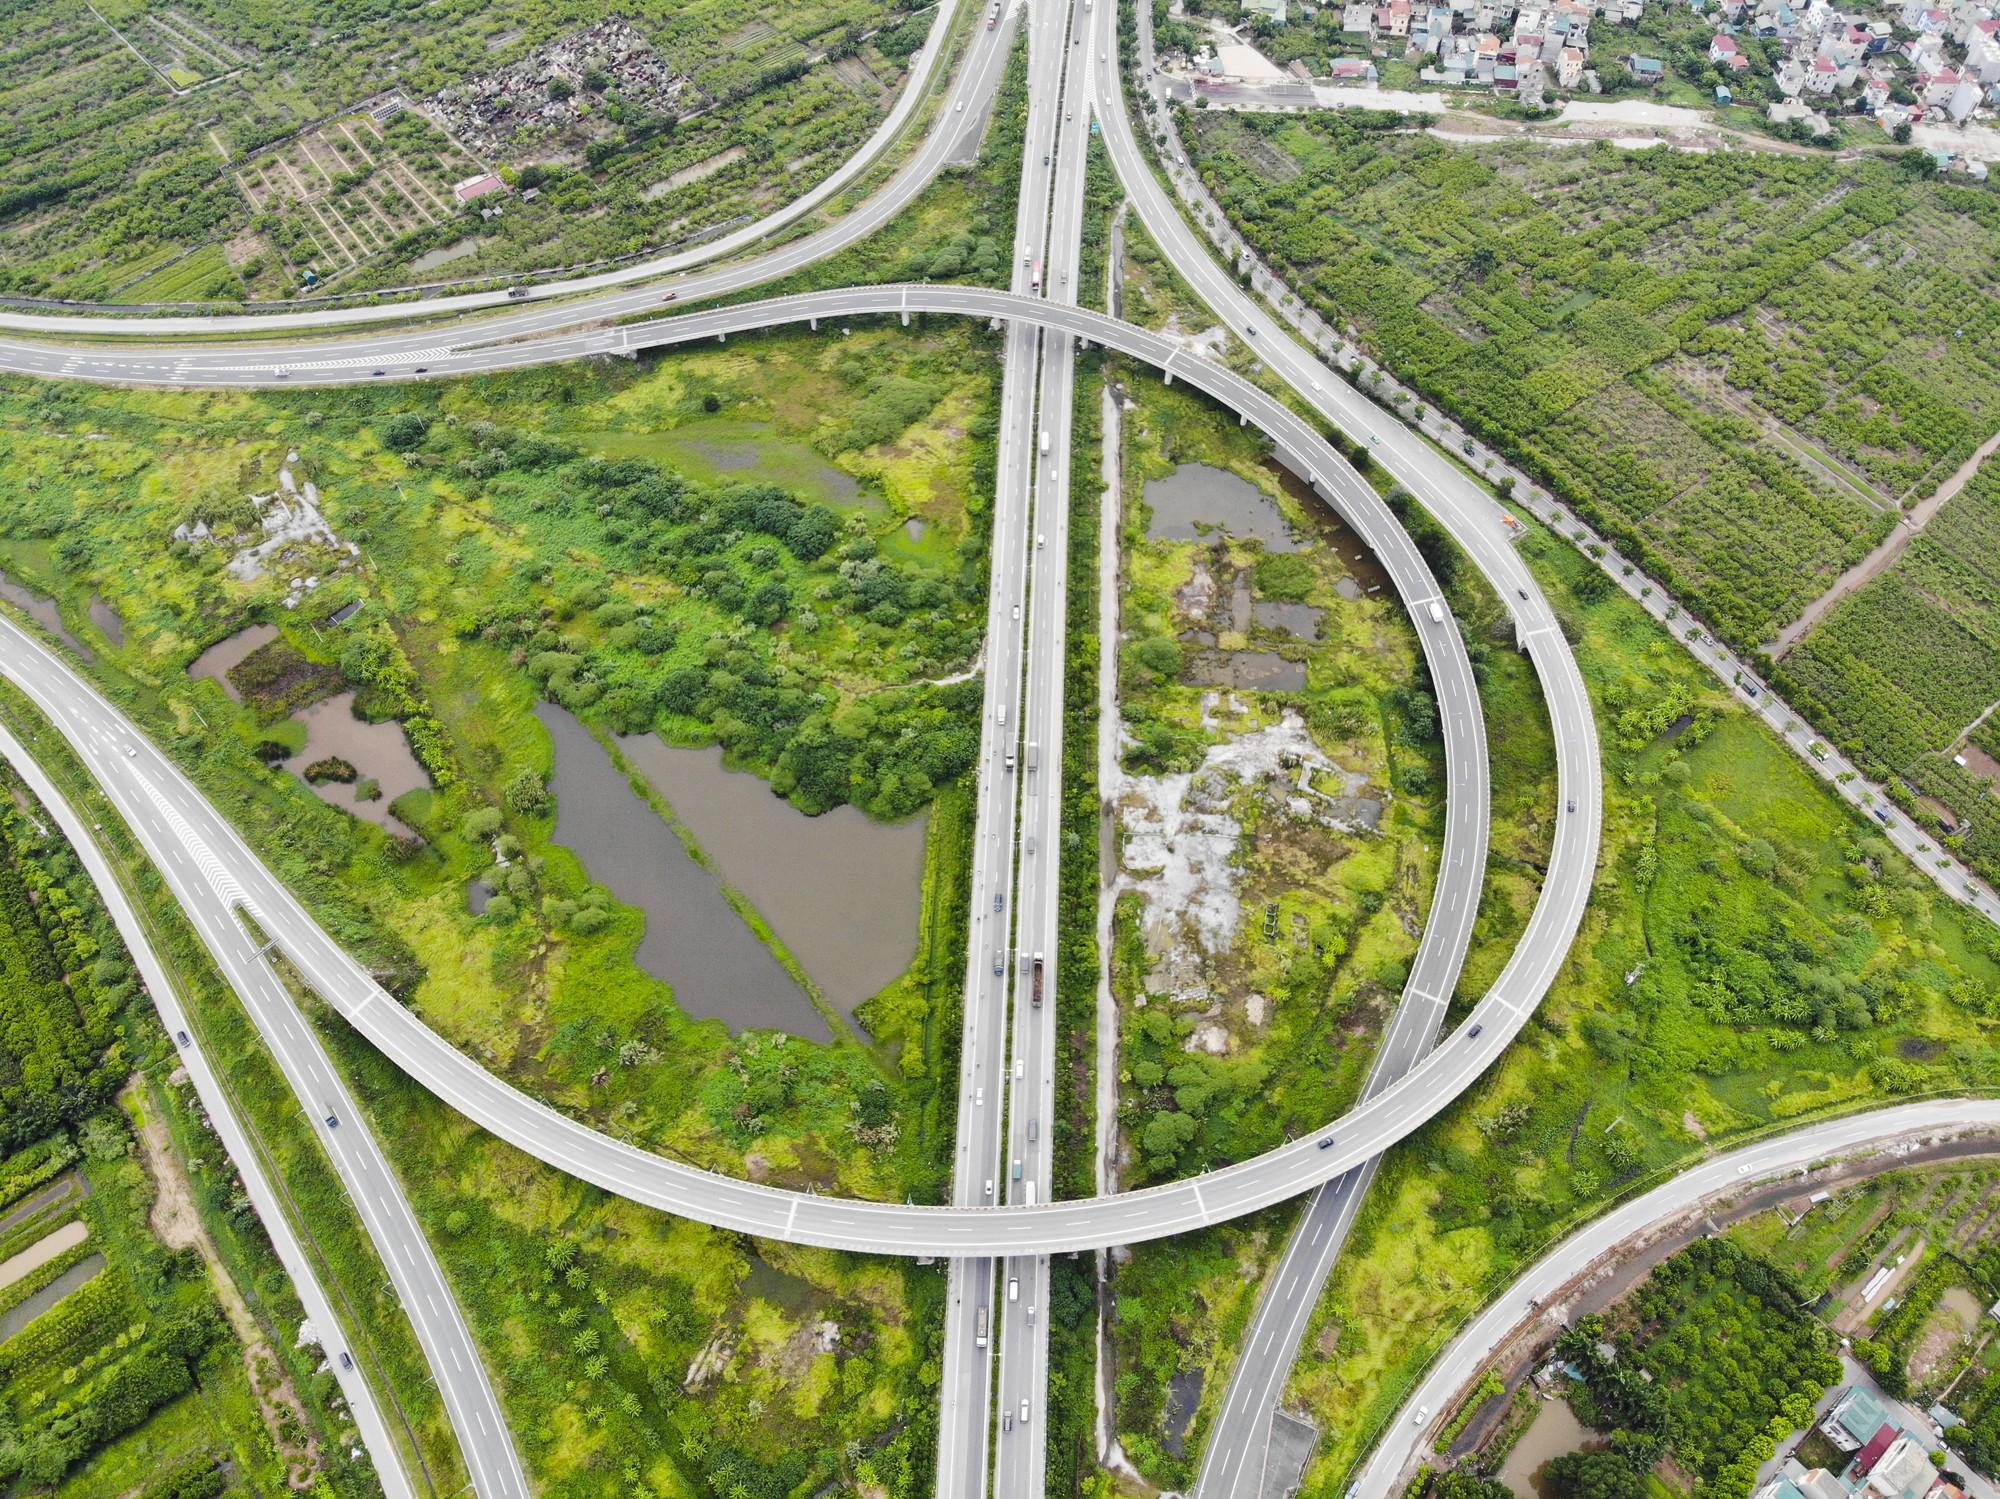 Những giao lộ khổng lồ thay đổi diện mạo cửa ngõ Thủ đô - Ảnh 2.